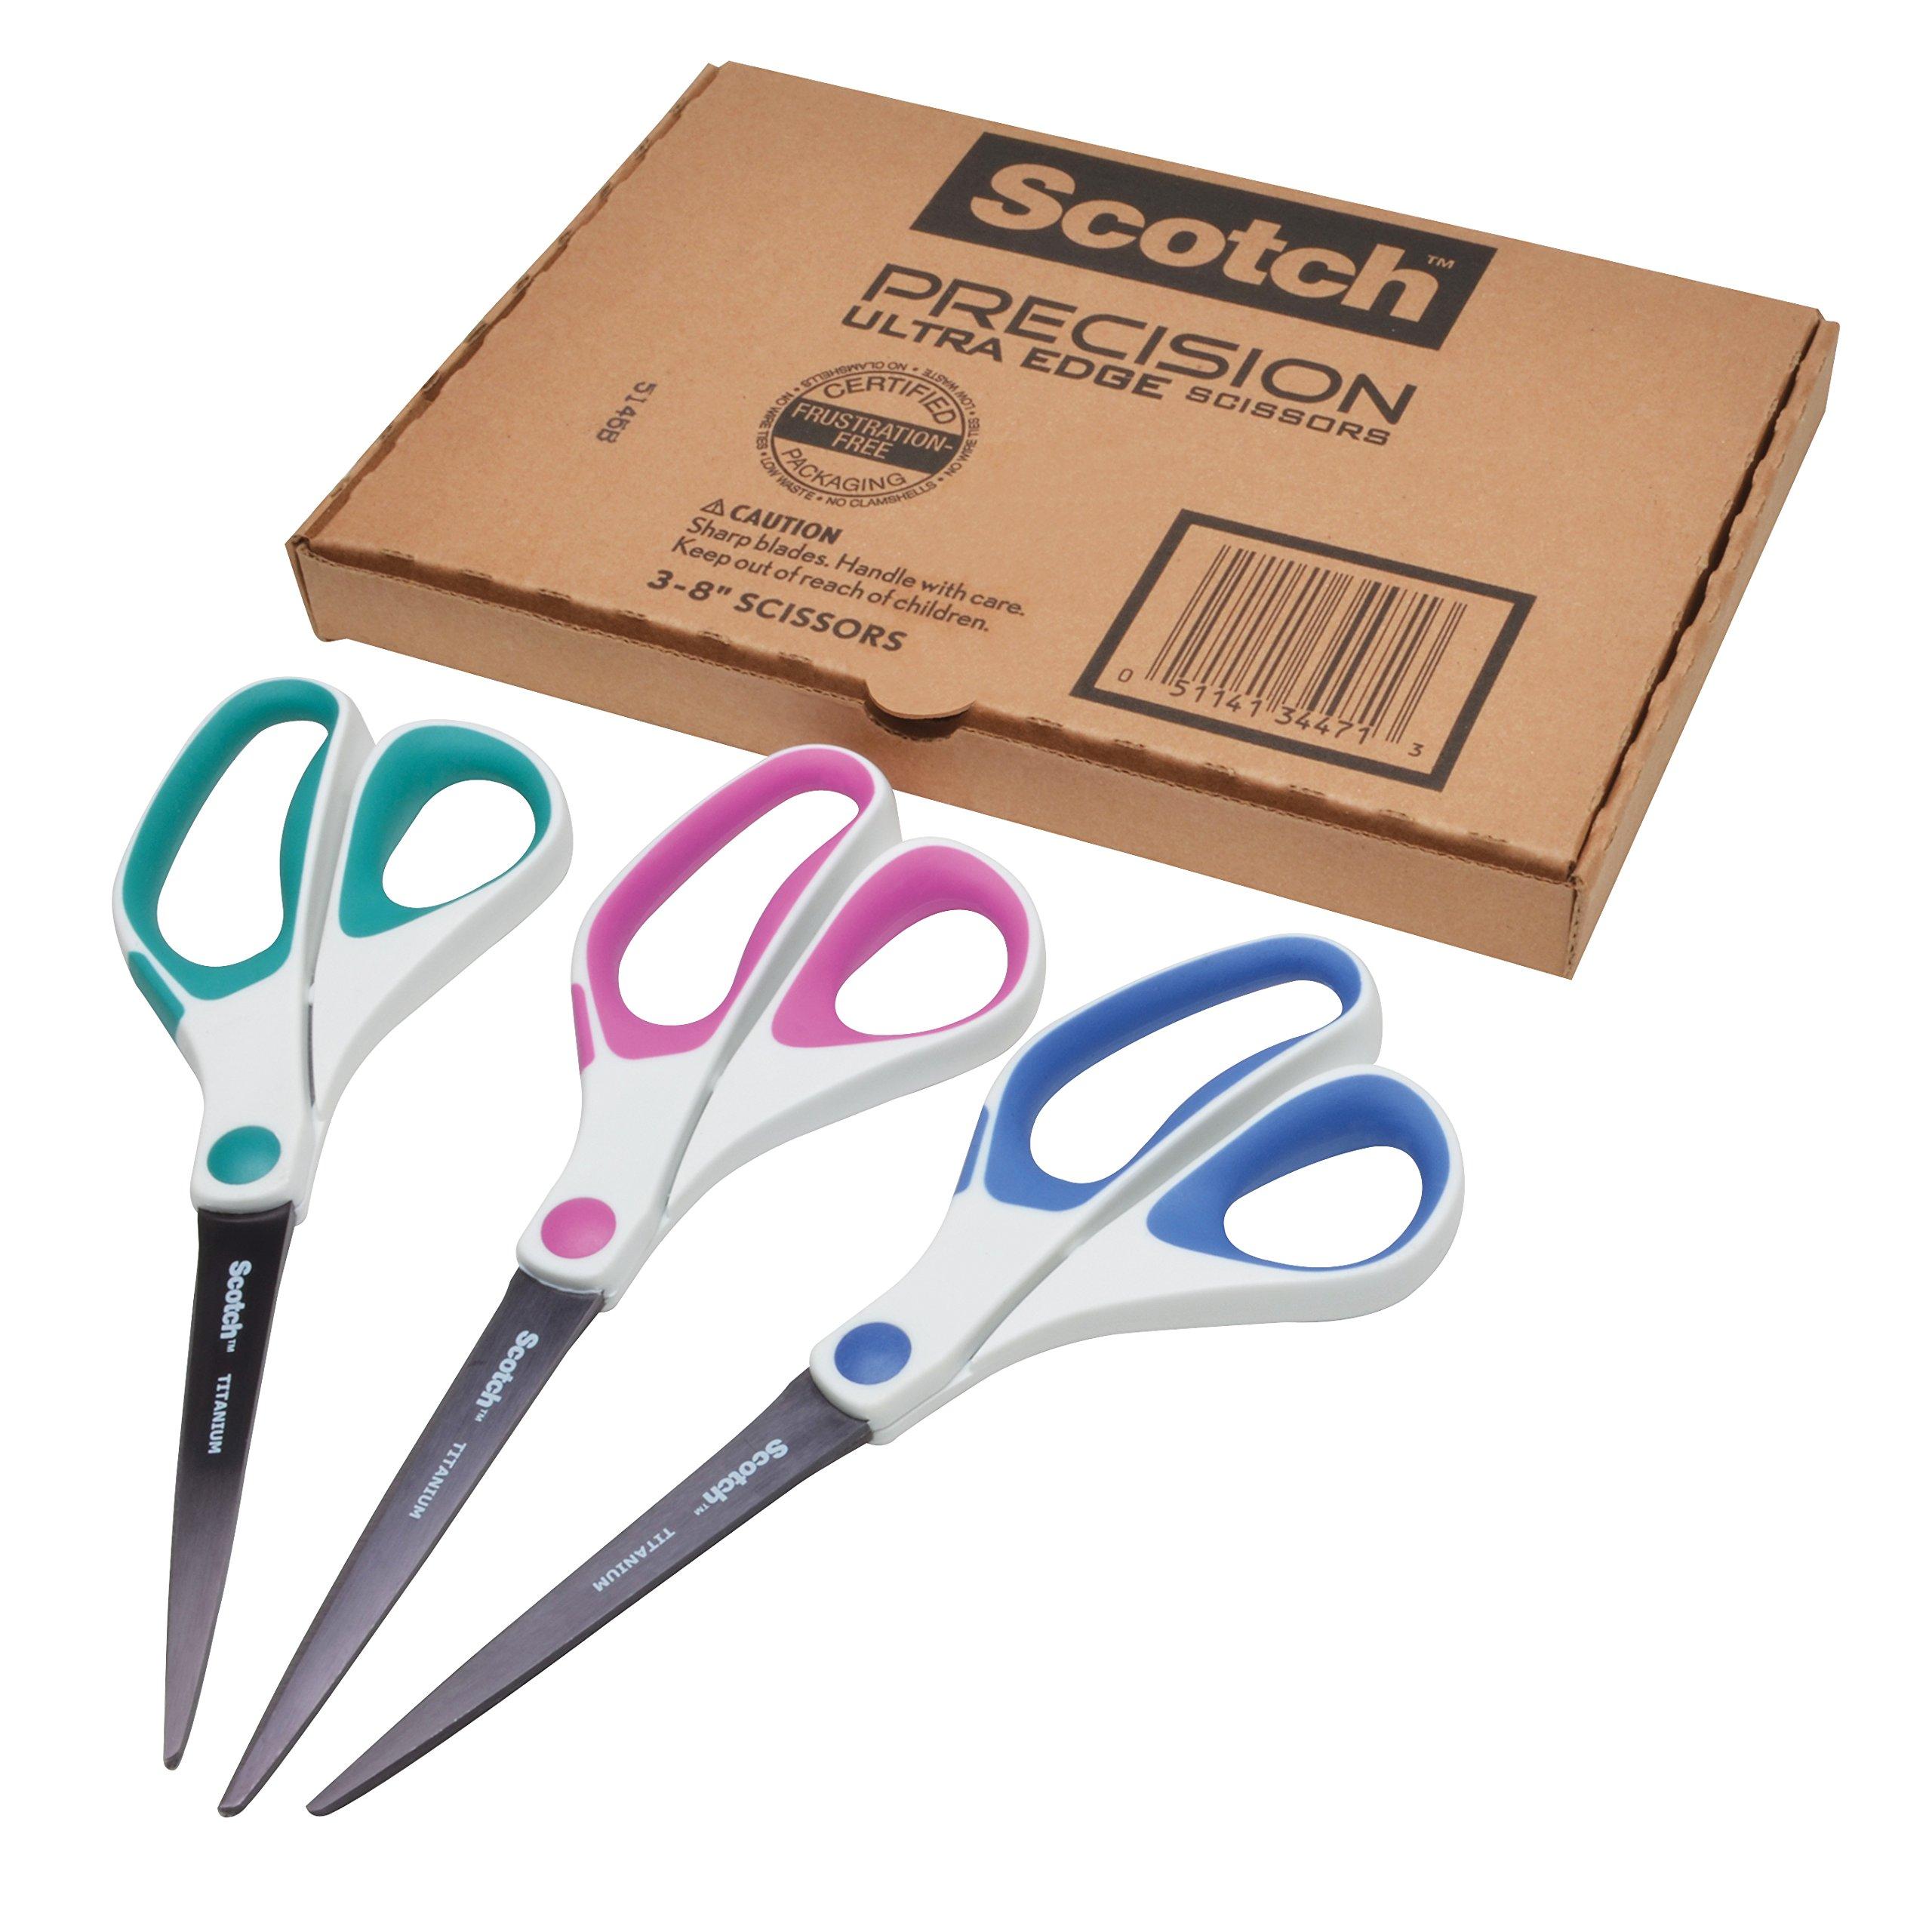 Scotch Precision Ultra Edge Titanium Scissors, 8 Inch, 3-Pack (1458-3AMZ)